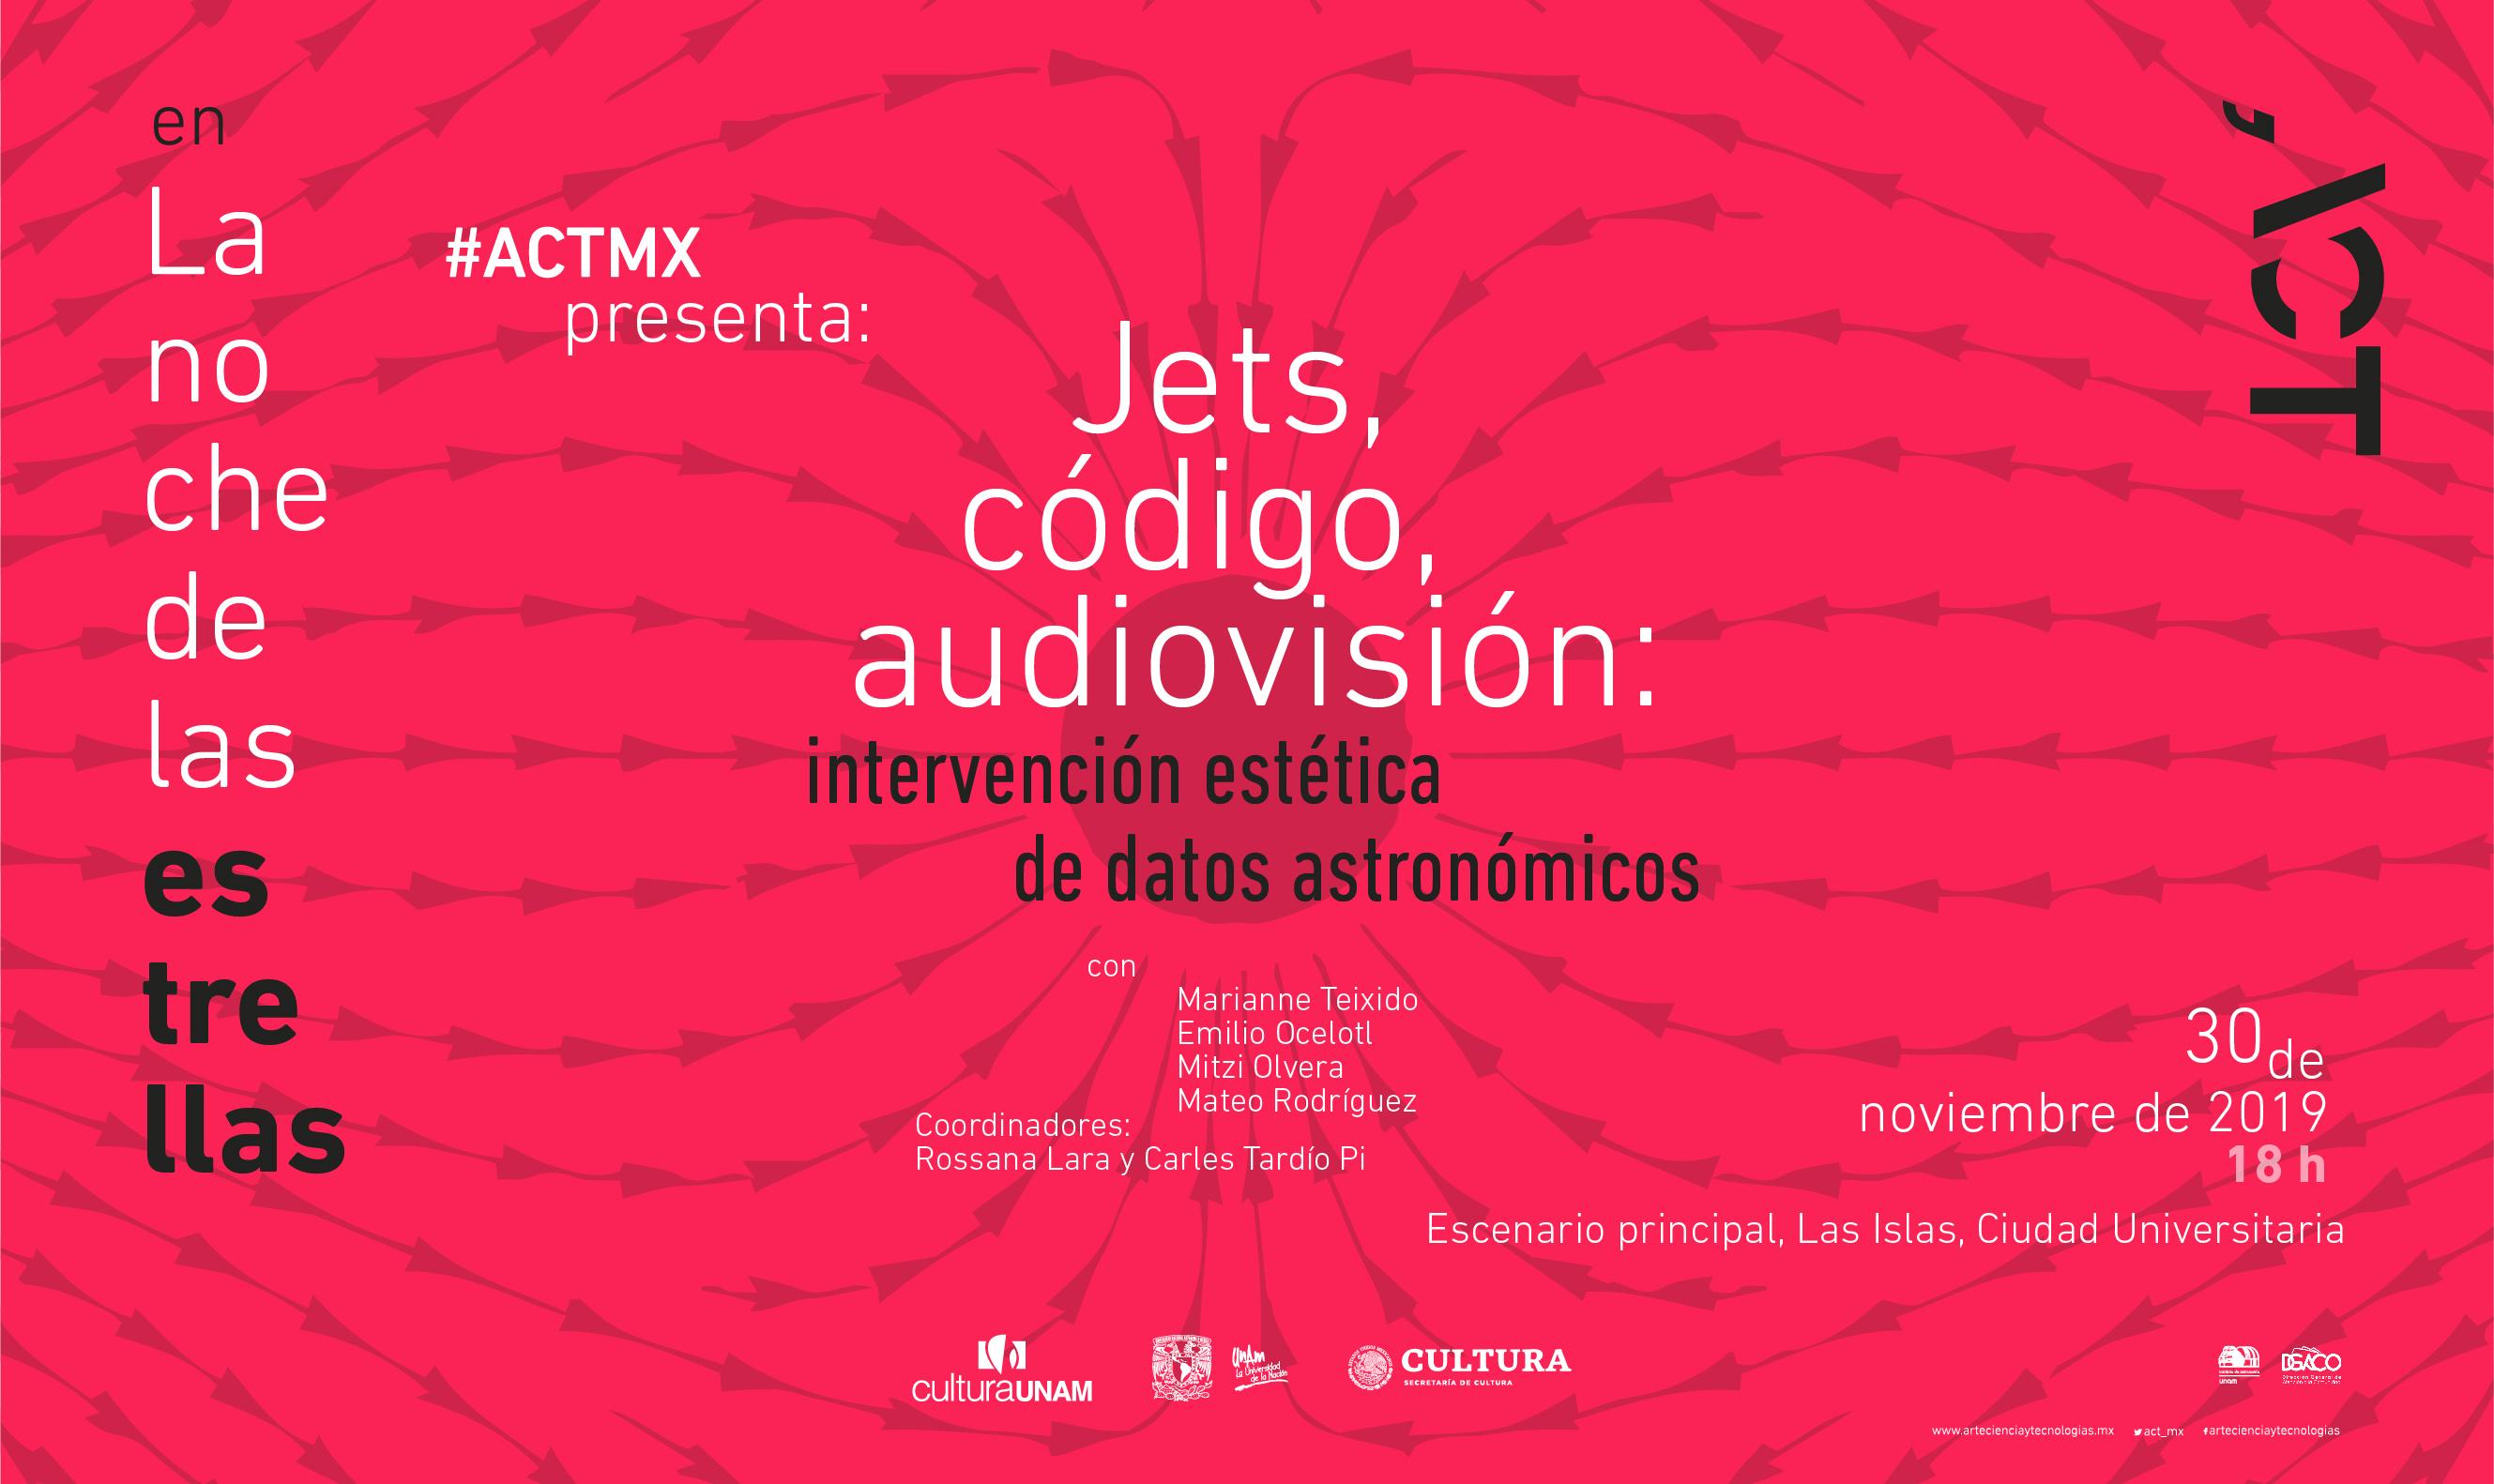 Jets, código, audiovisión: intervención estética de datos astronómicos